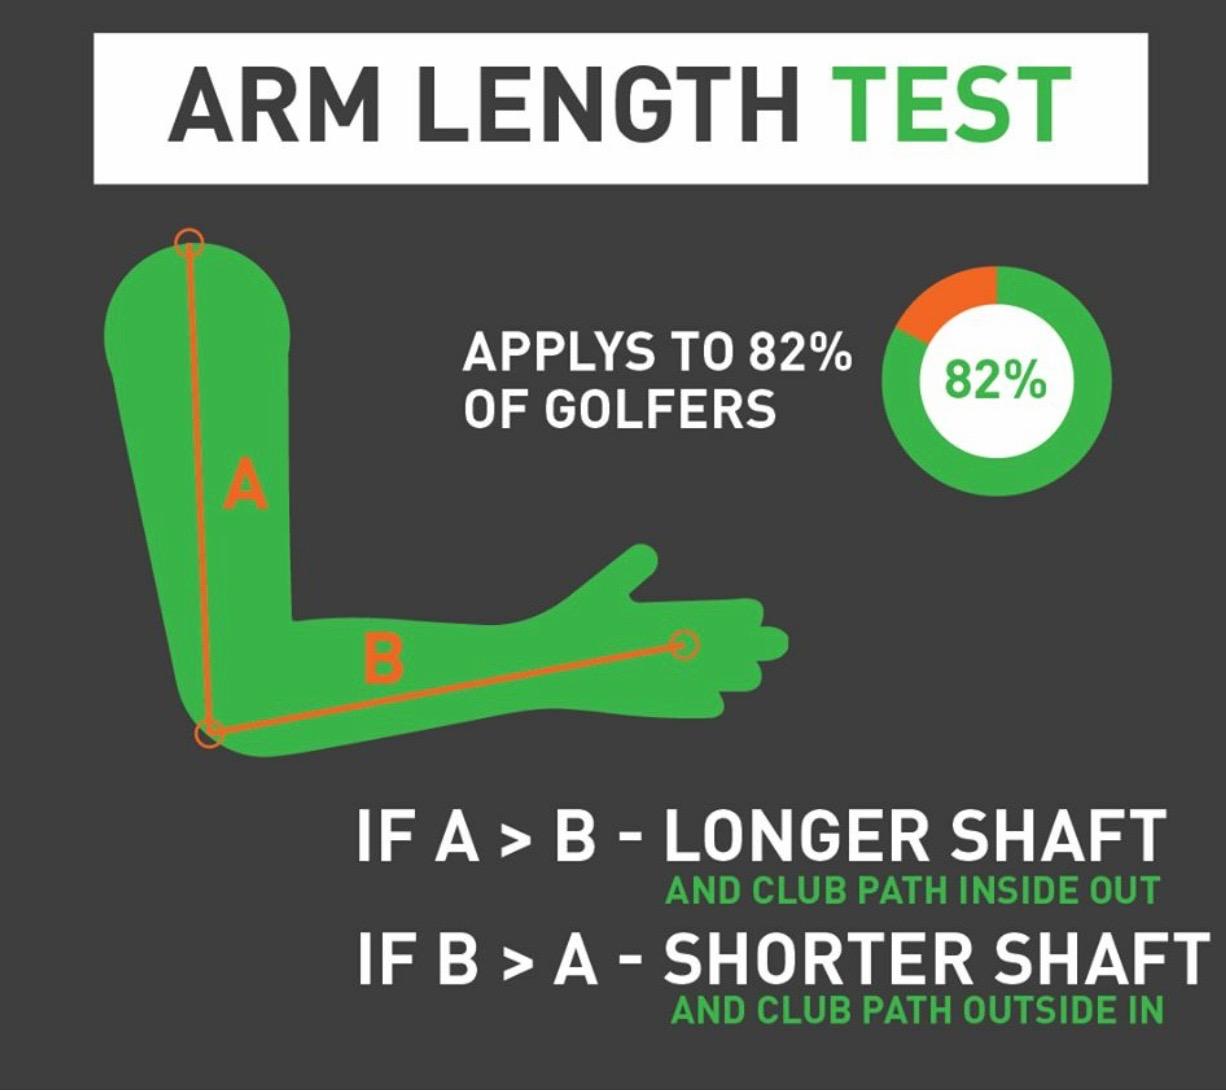 画像: 上腕のほうが前腕より長い人は長尺、逆の人は短尺が合う